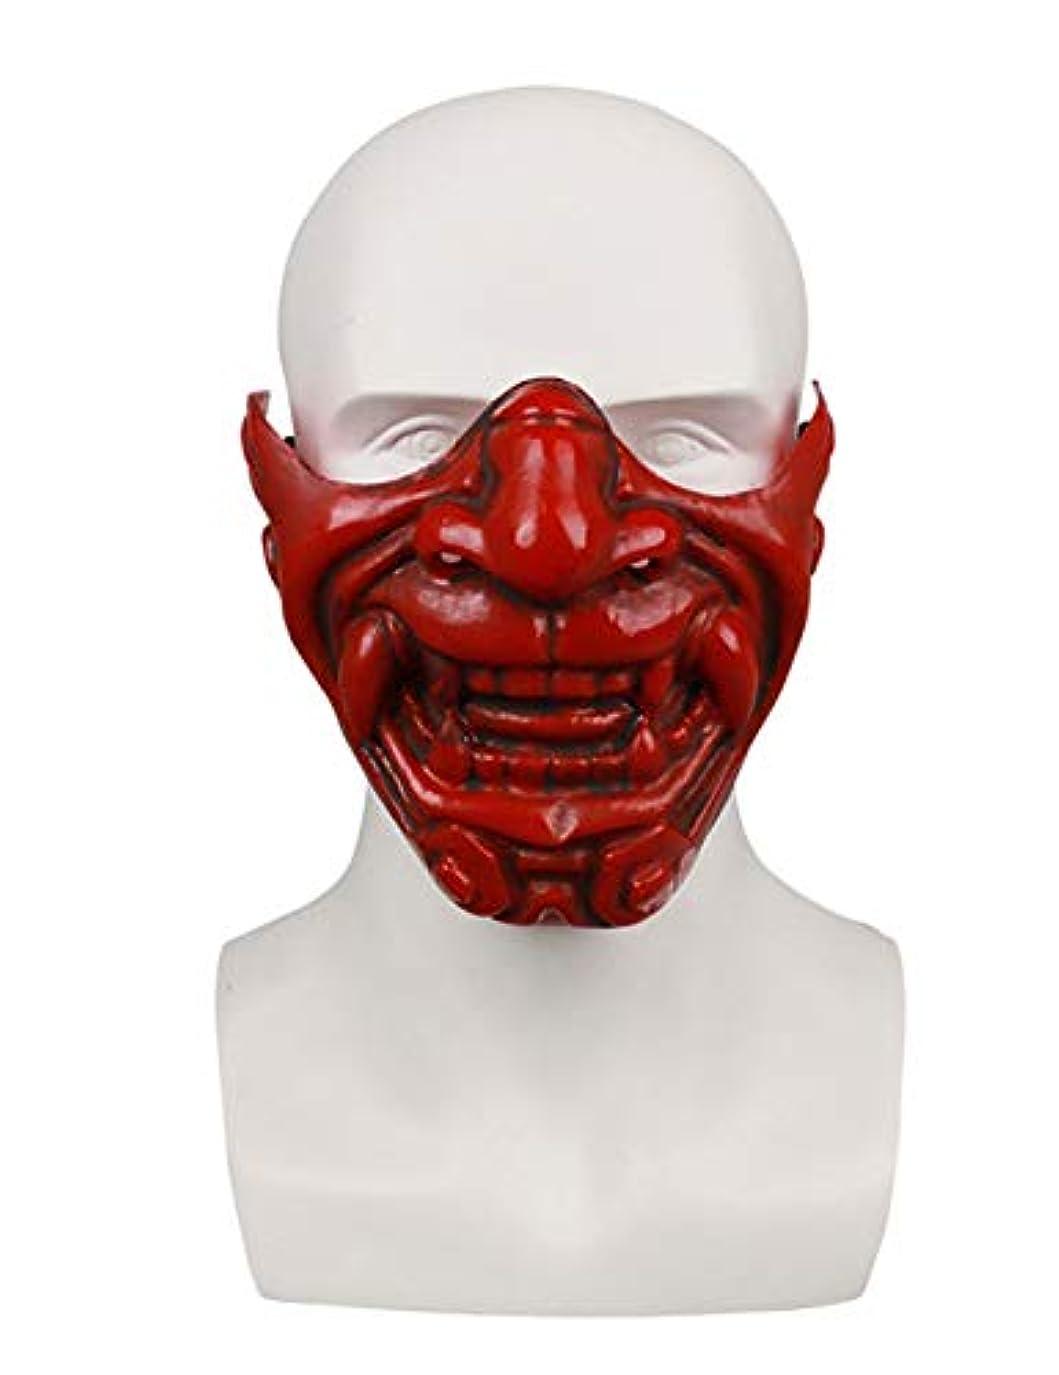 から聞く地上で予報ハロウィーンハーフフェイスマスクホラーデビルマスク映画の小道具仮装マスク (Color : BLACK)